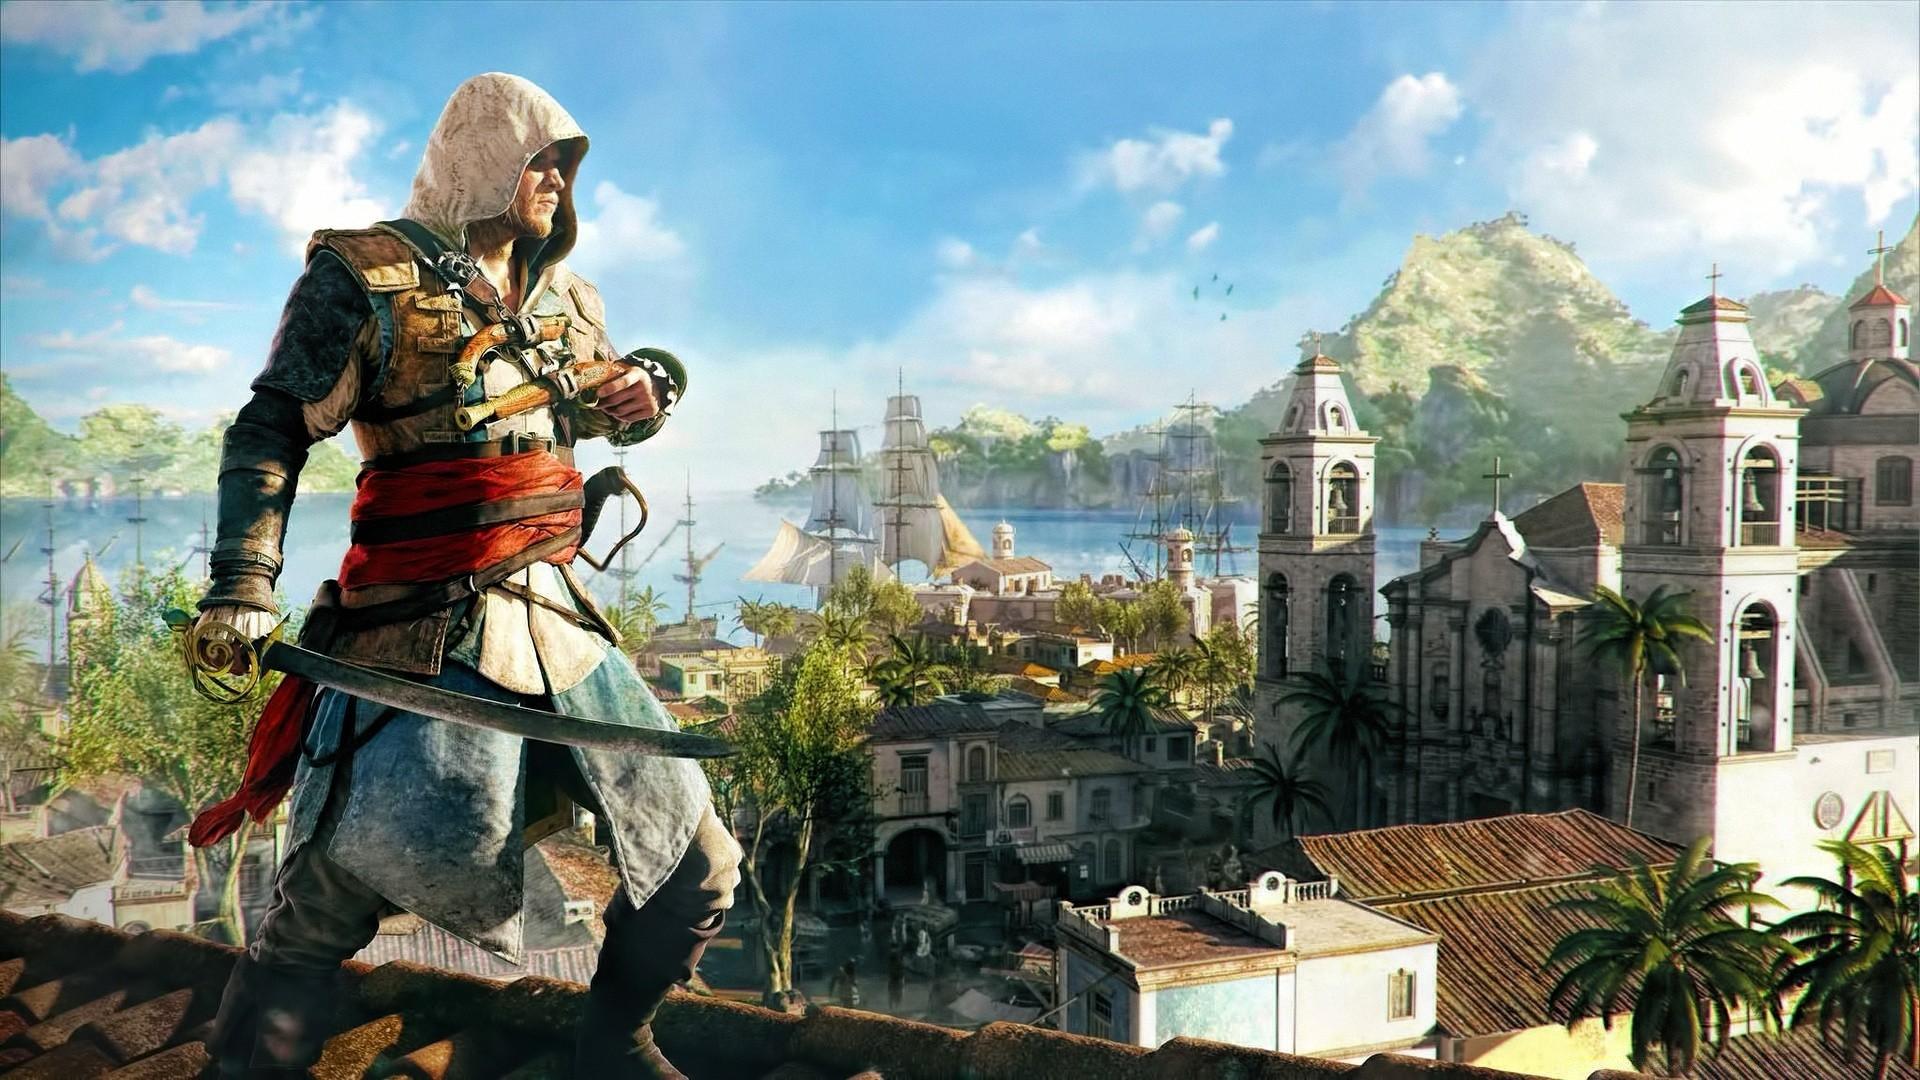 Крупная распродажа от Ubisoft. Скидки на серии Assassin's Creed, Far Cry, The Division и другие игры студии